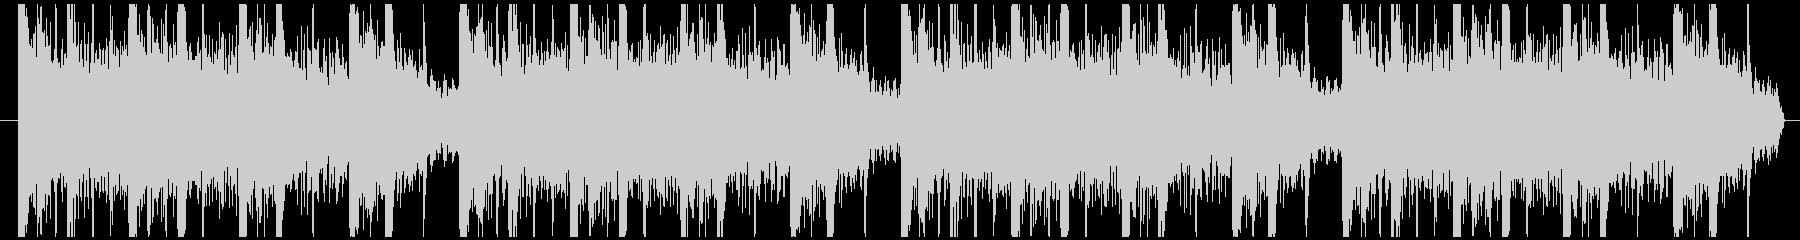 やさしい音の癒し系のエレクトロニカの未再生の波形